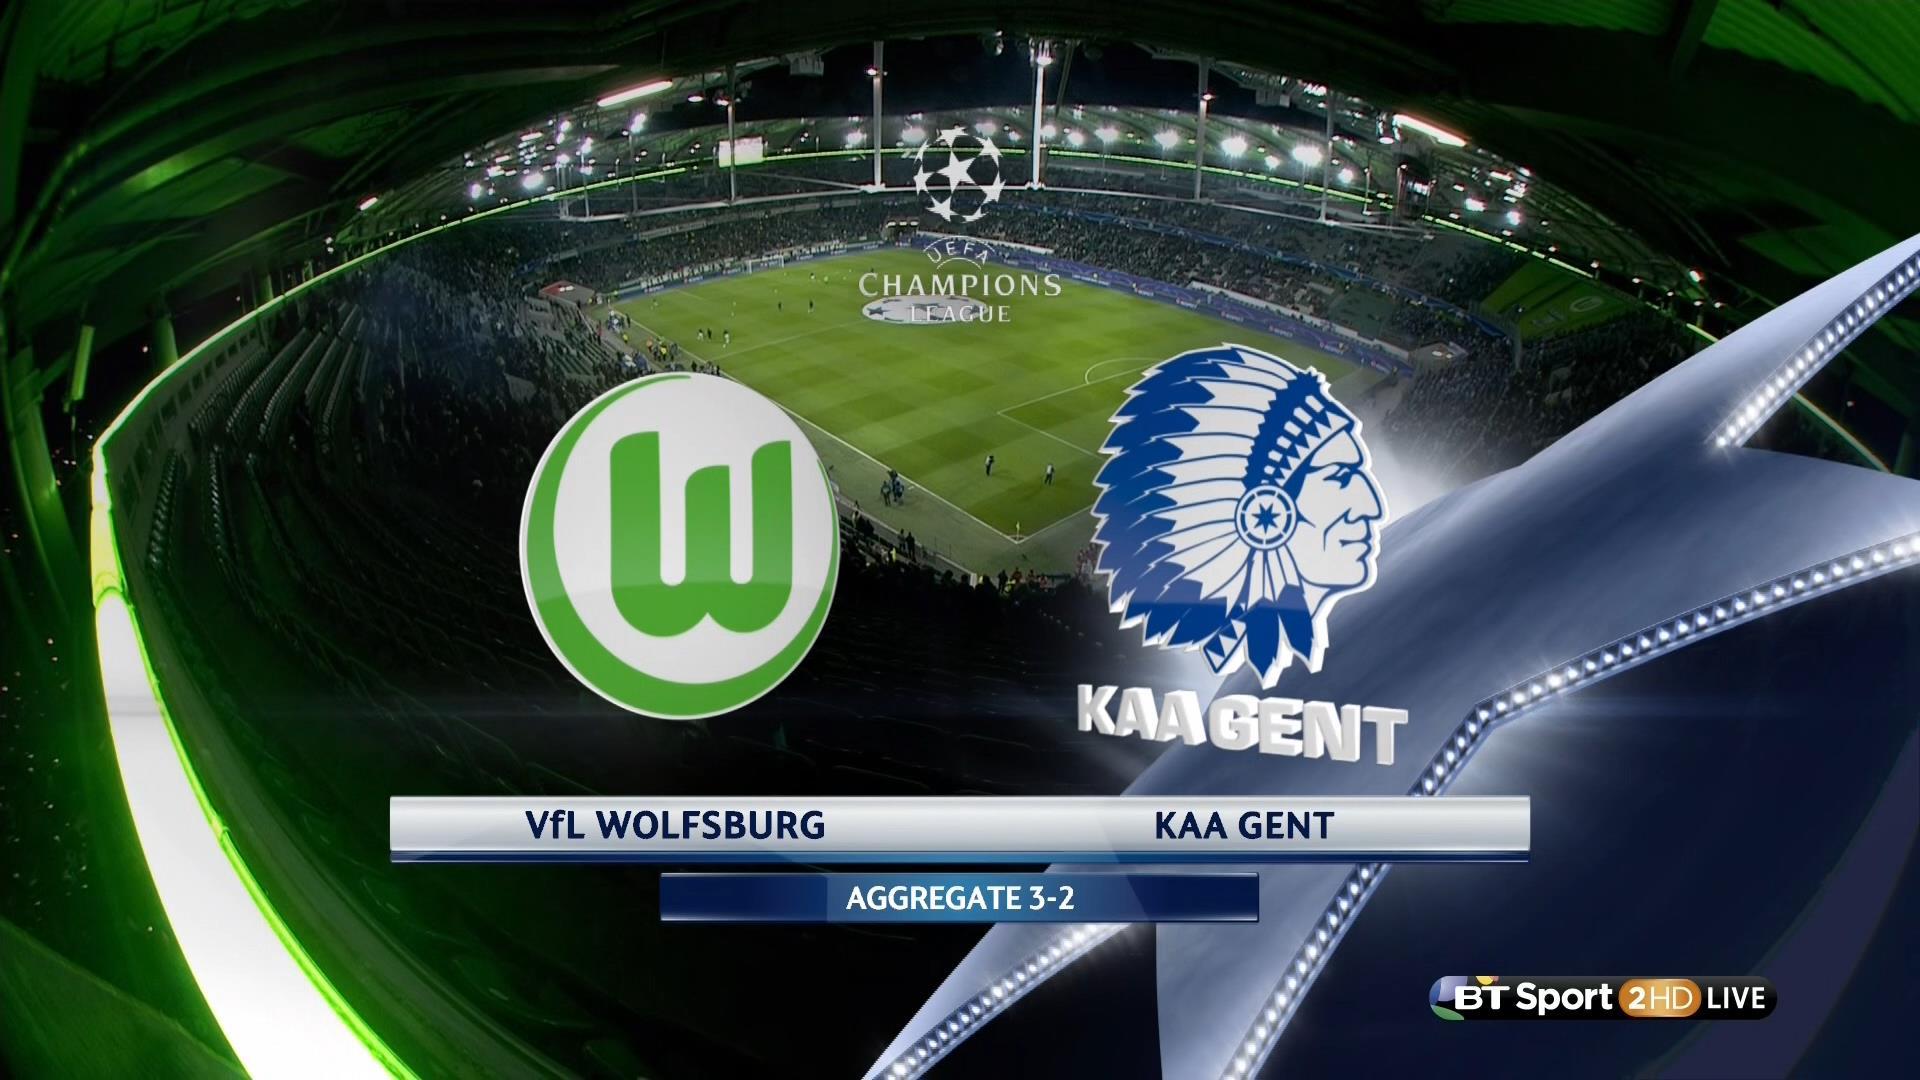 Futbol Ucl 201516 R16 2nd Leg Vfl Wolfsburg Vs Kaa Gent